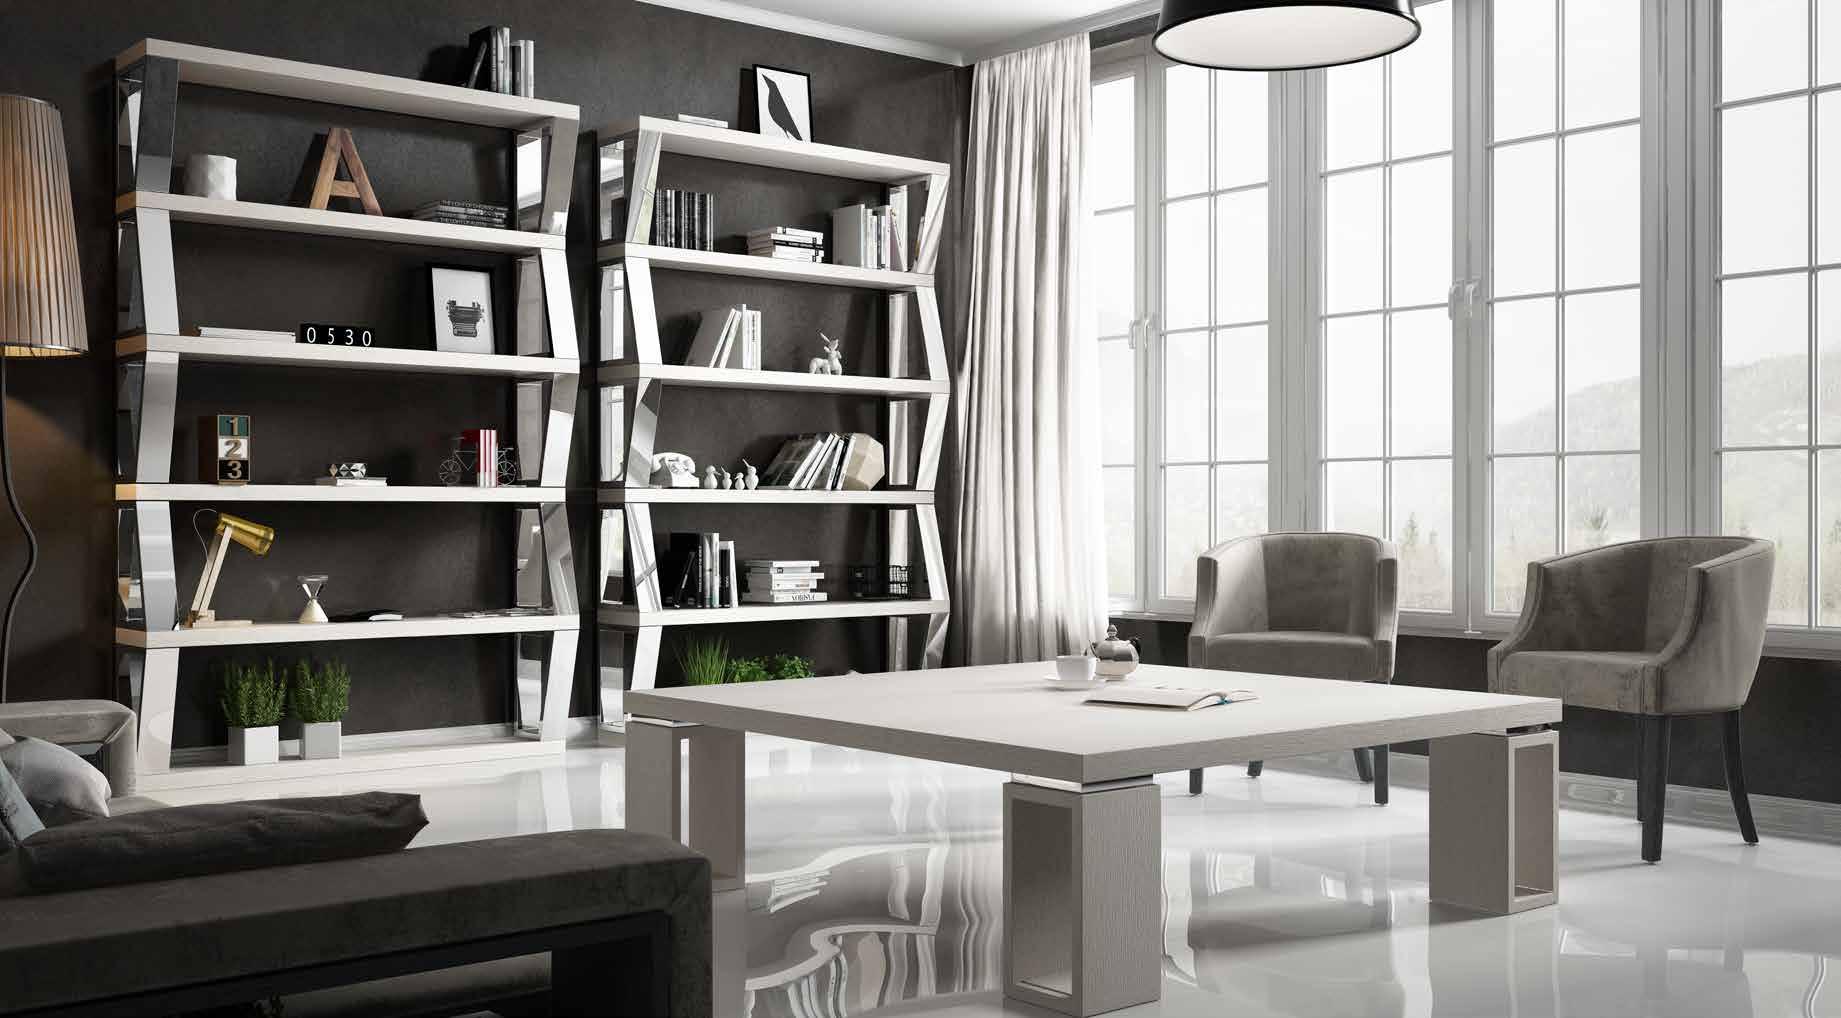 Precio muebles franco furniture nuevos dormitorios y for Muebles franco